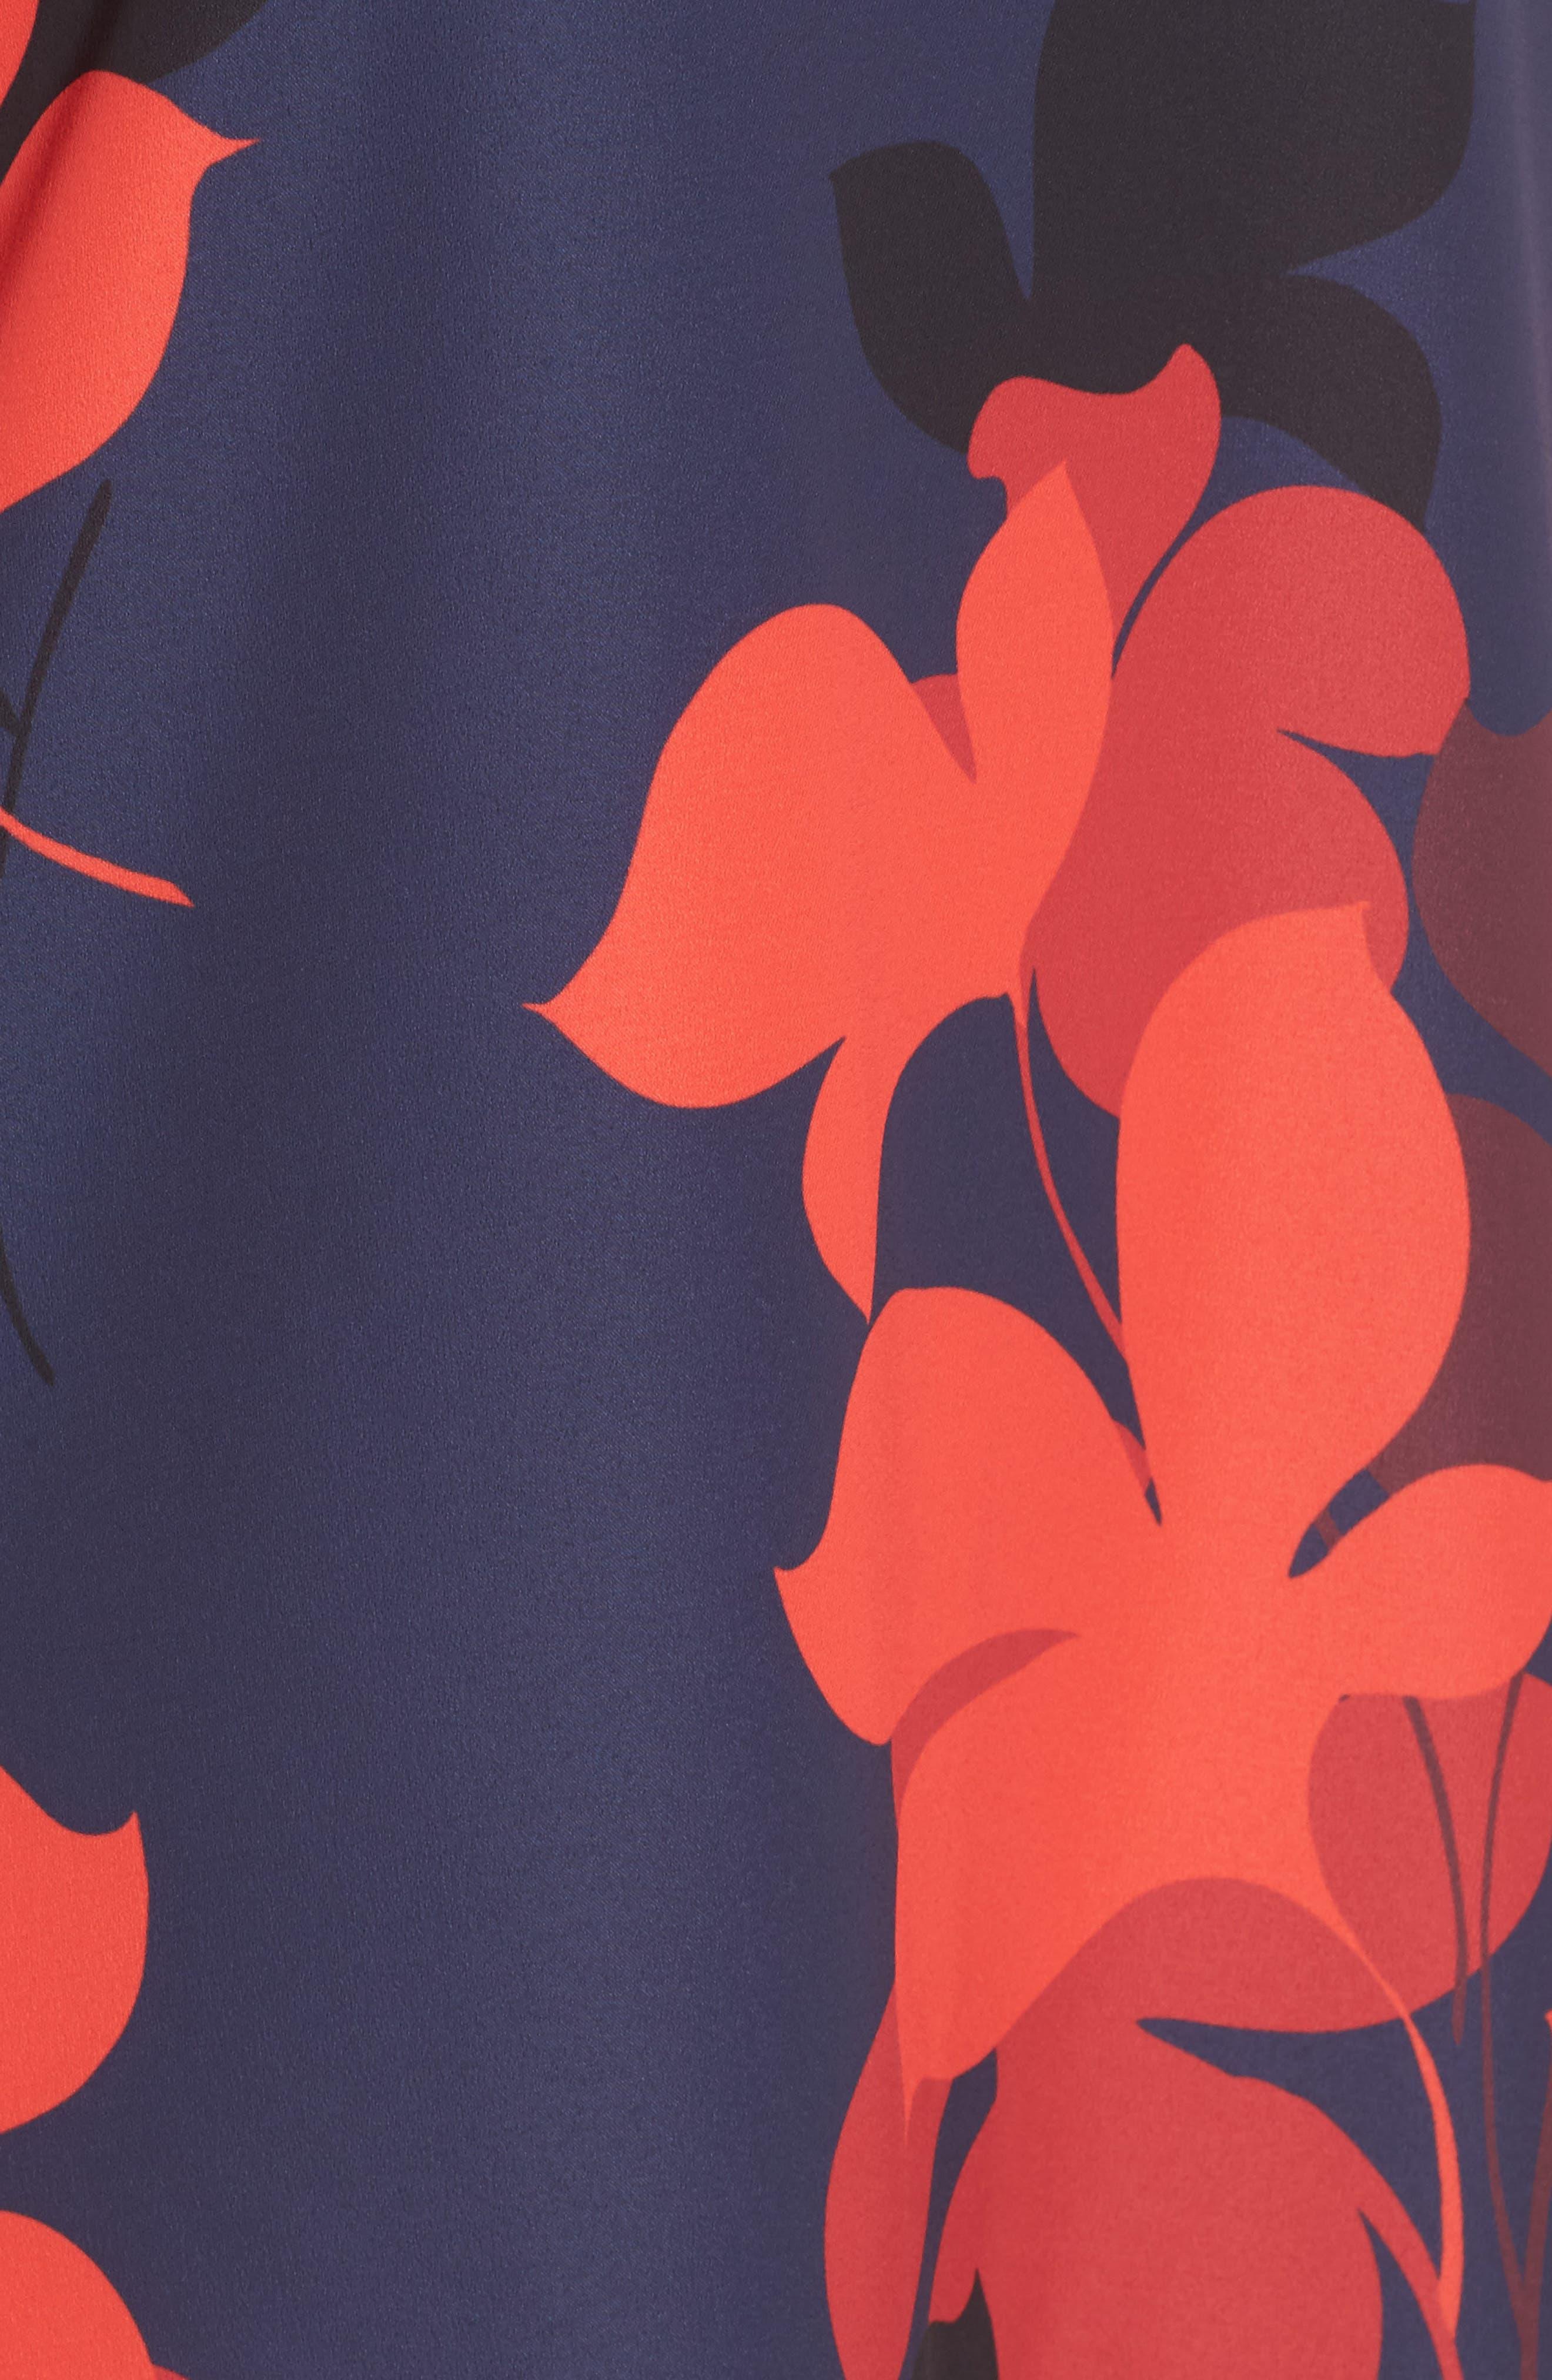 Button Back Ruffle Hem Dress,                             Alternate thumbnail 51, color,